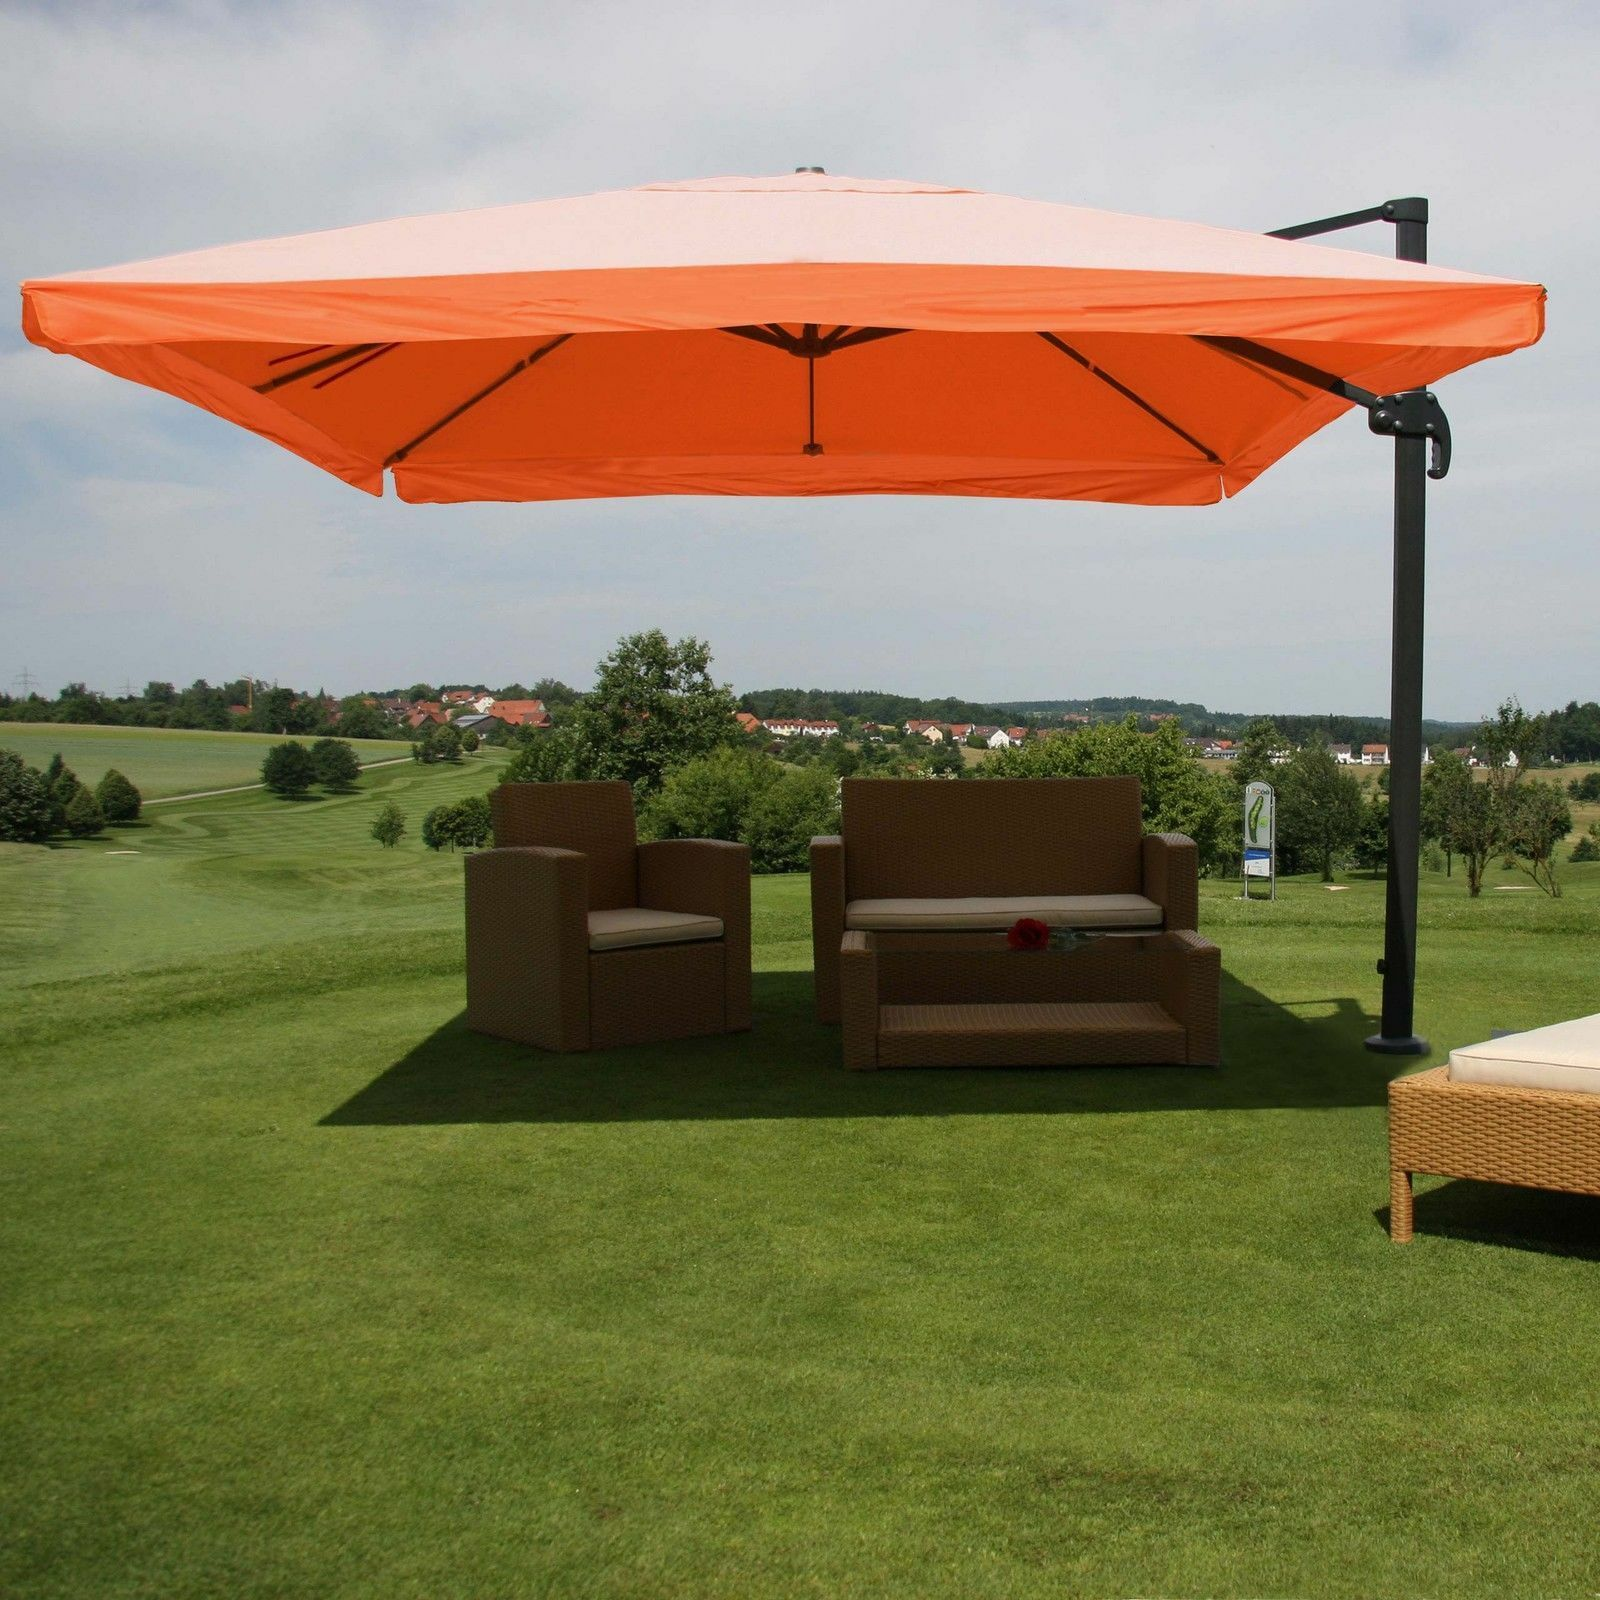 3x4 m Design Sonnenschirm Ampelschirm Gartenschirm 3m 4m Gastronomie MIT FLAP TERRAKOTTA